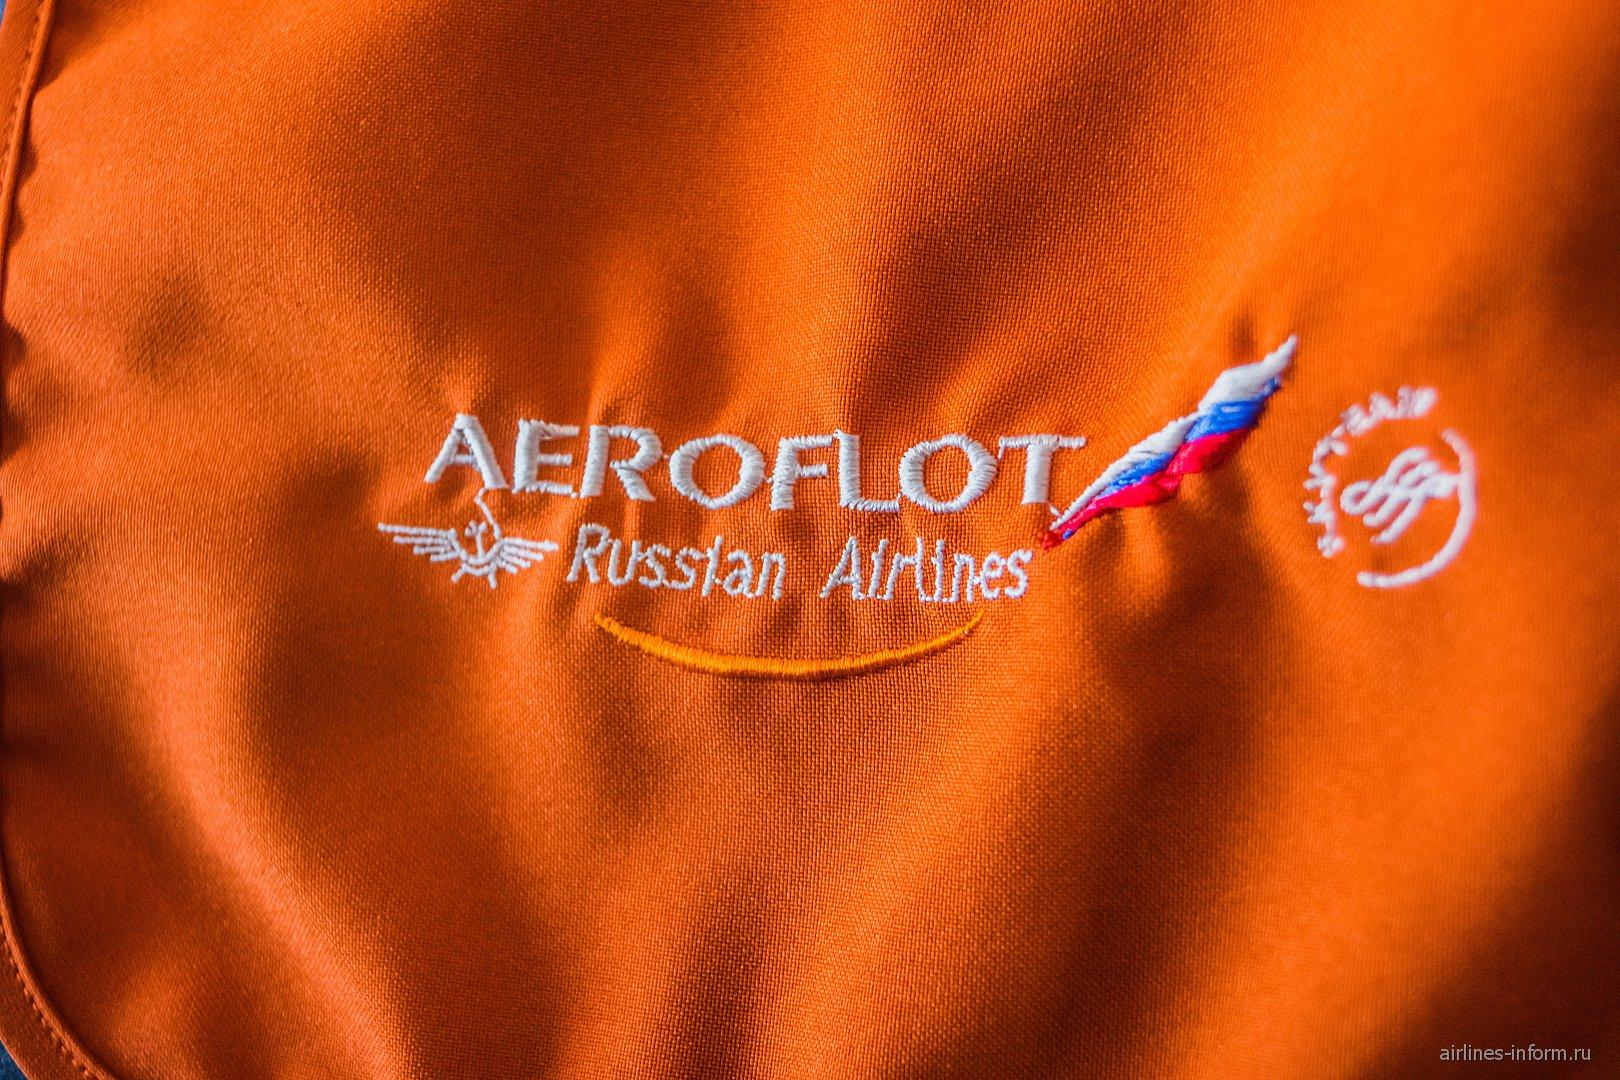 Вышитый логотип Аэрофлота на подголовнике